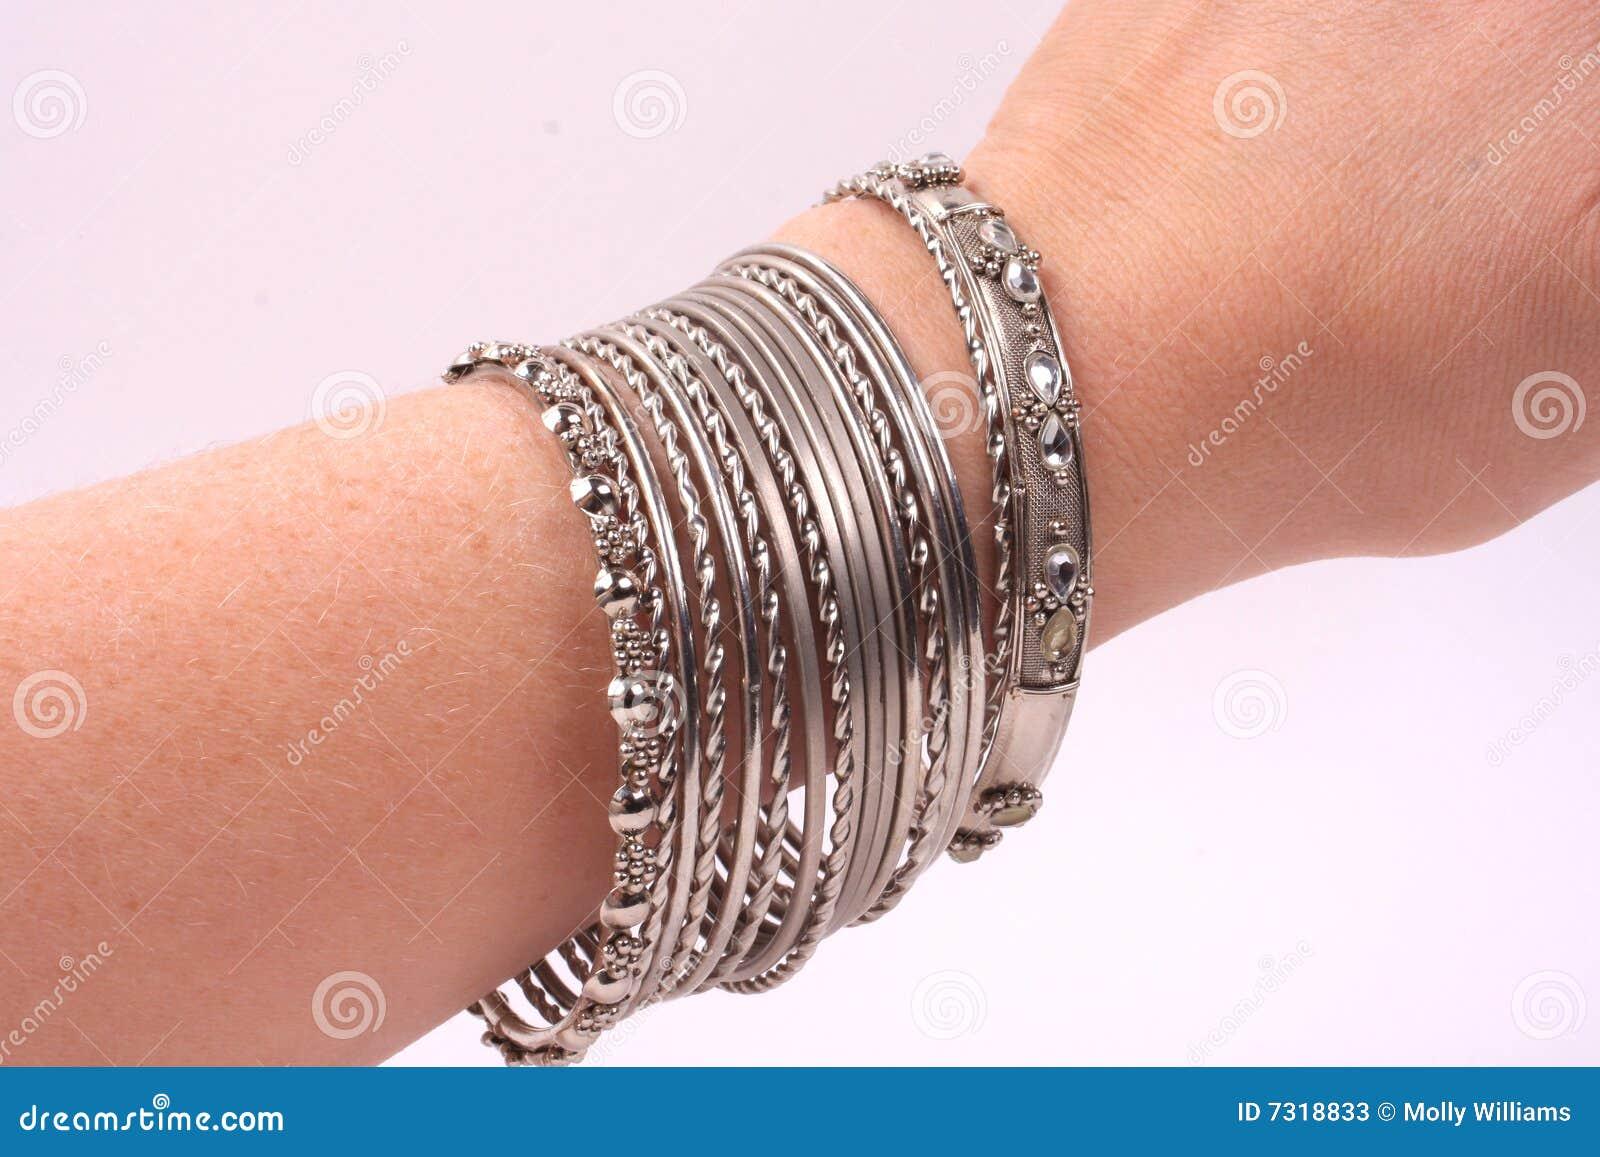 Bracelets on a hand